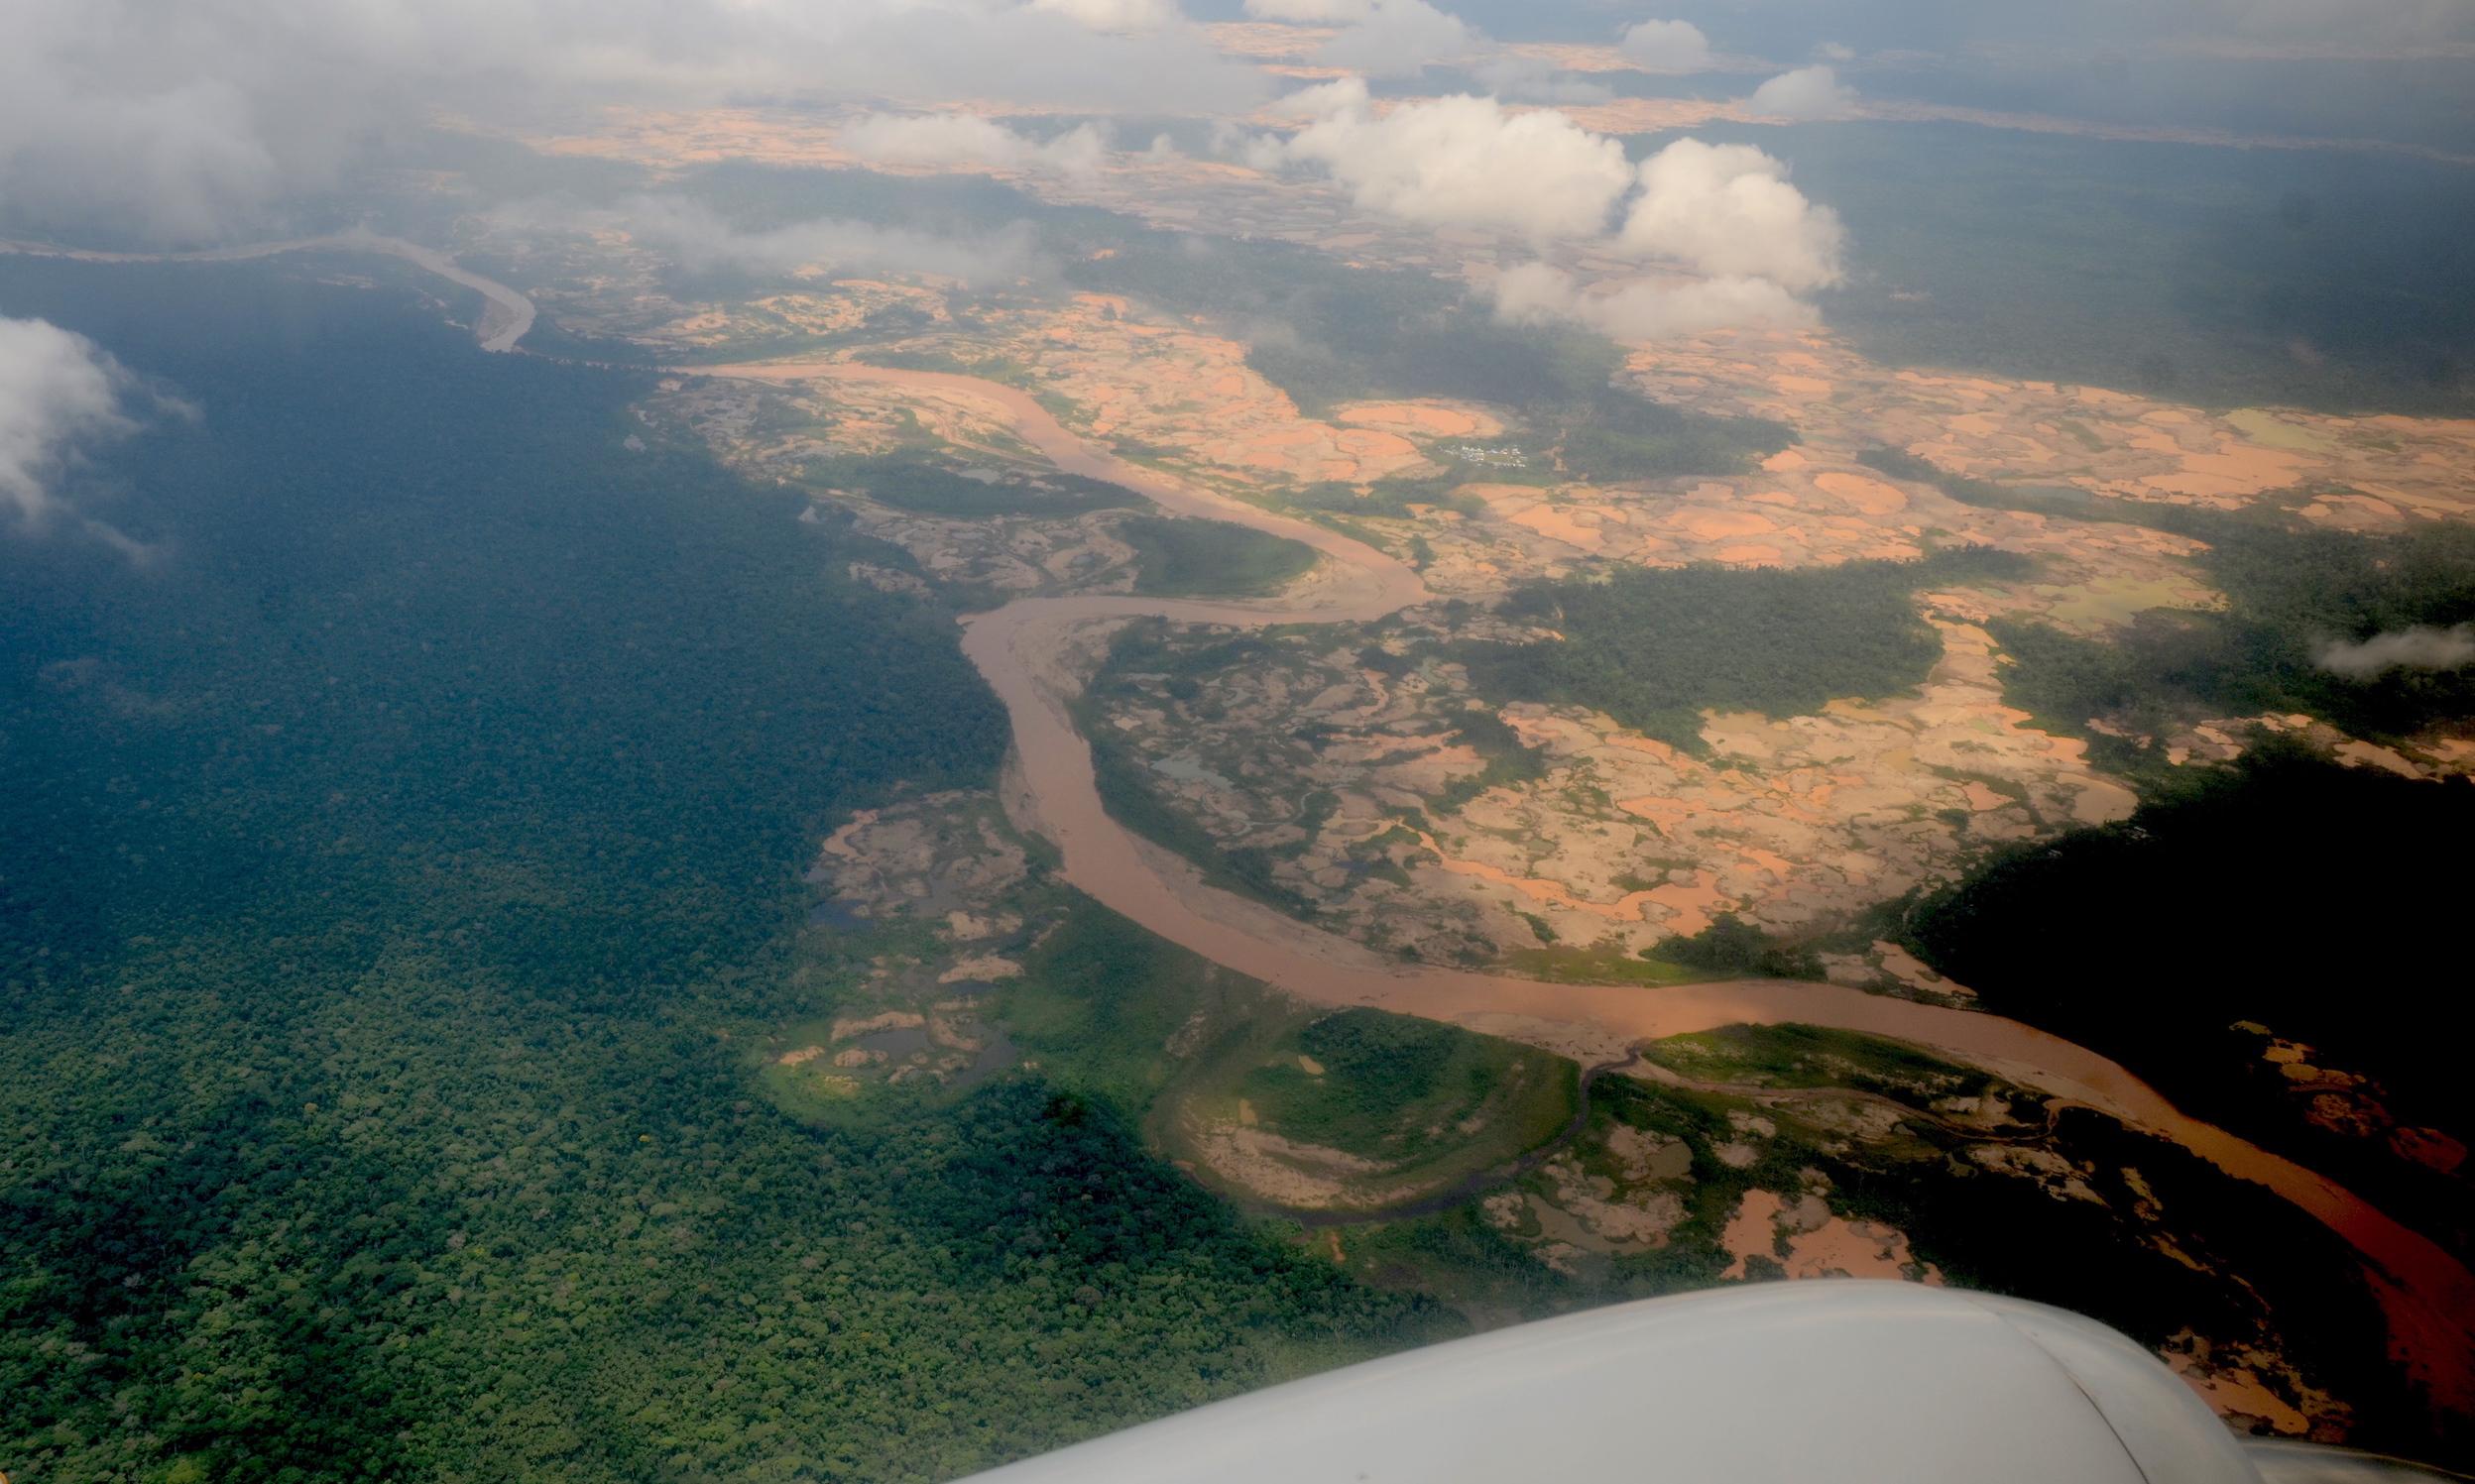 Un sobrevuelo sobre la Reserva Nacional Tambopata demostró la presencia de minería ilegal dentro de la zona protegida. Foto: Yvette Sierra Praeli.